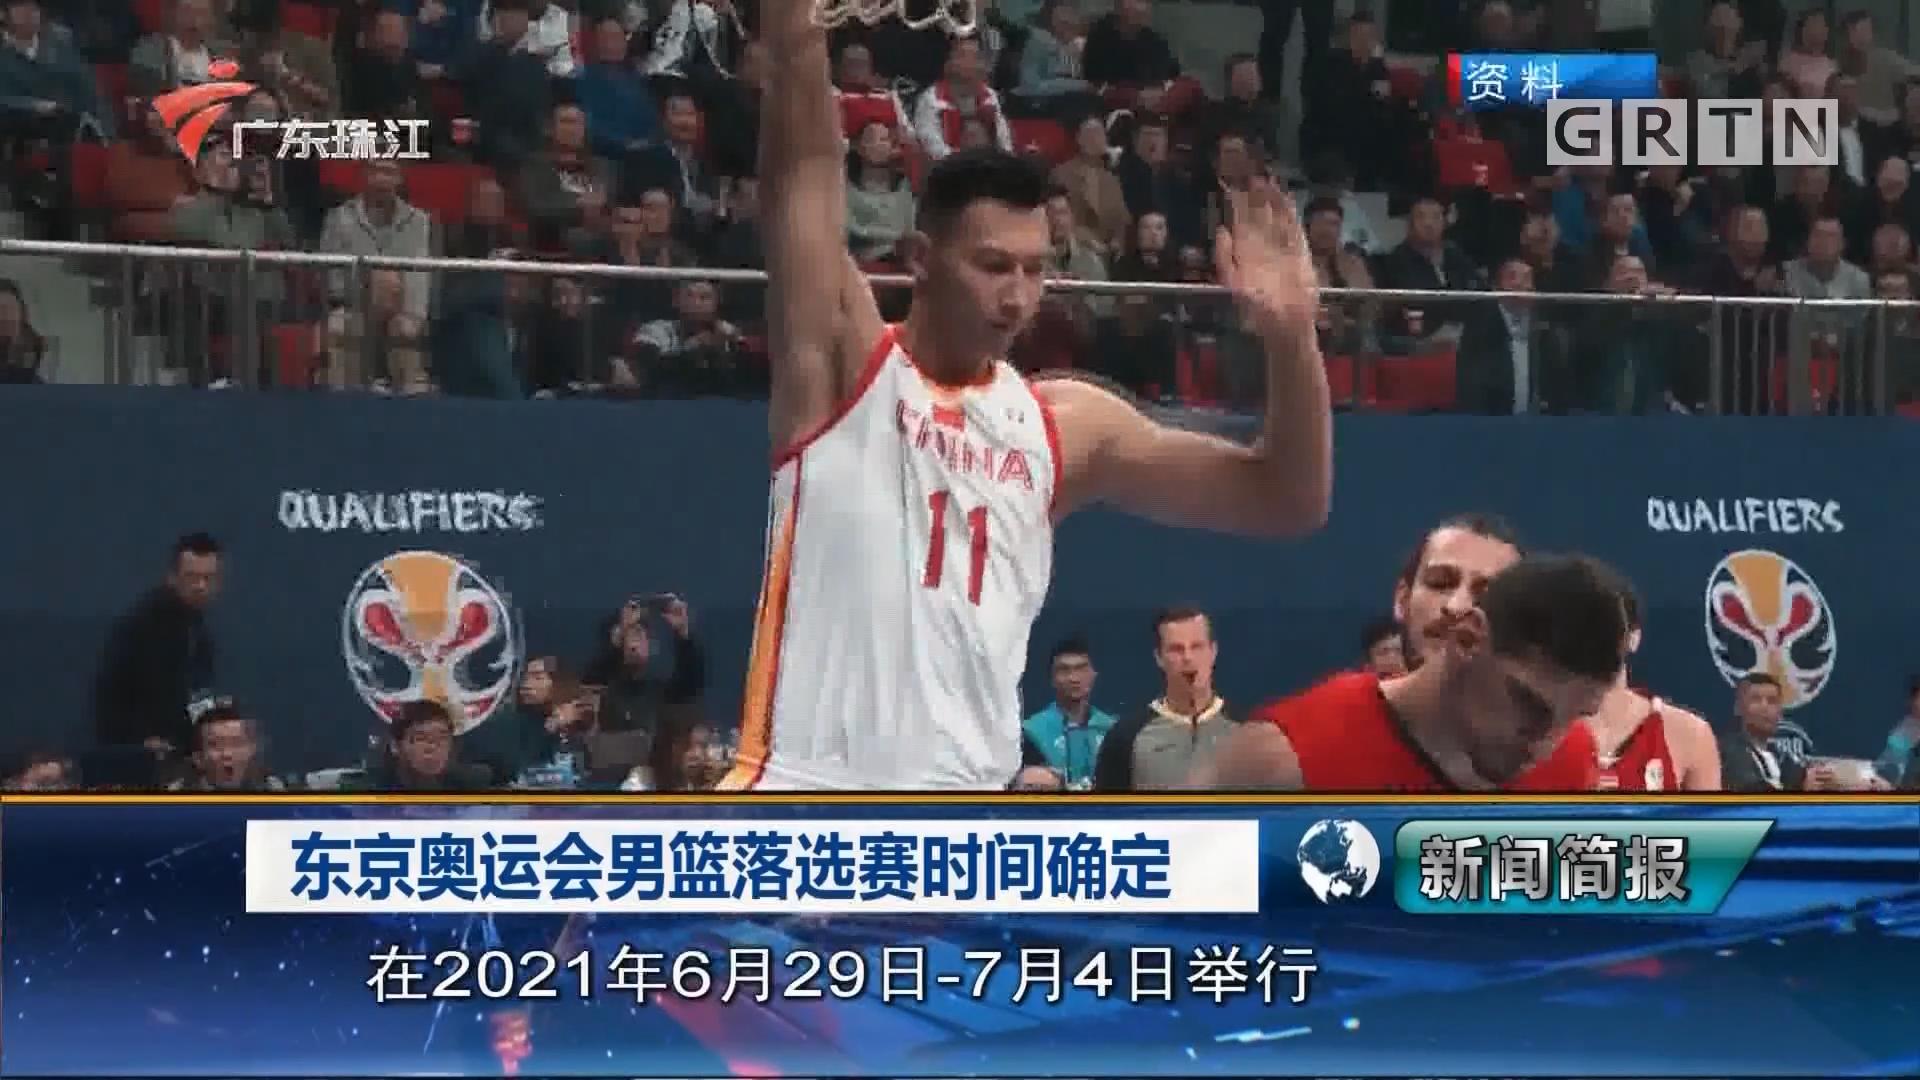 东京奥运会男篮落选赛时间确定